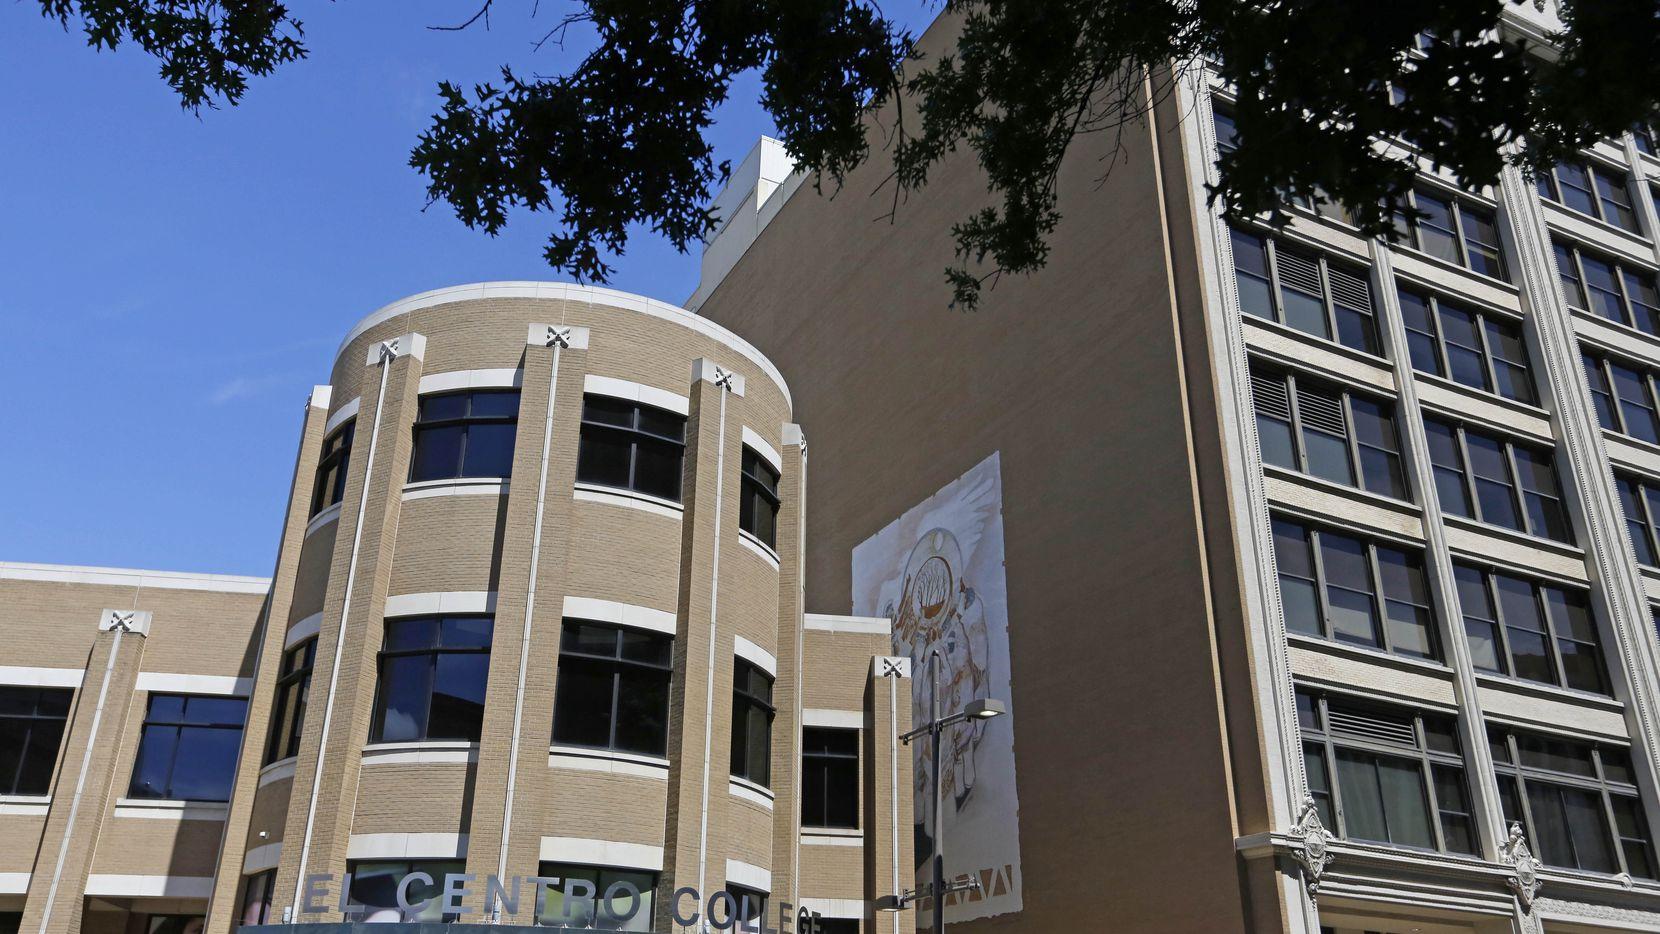 Estudiantes de El Centro College y otros colegios comunitarios exigirán el uso de cubrebocas.